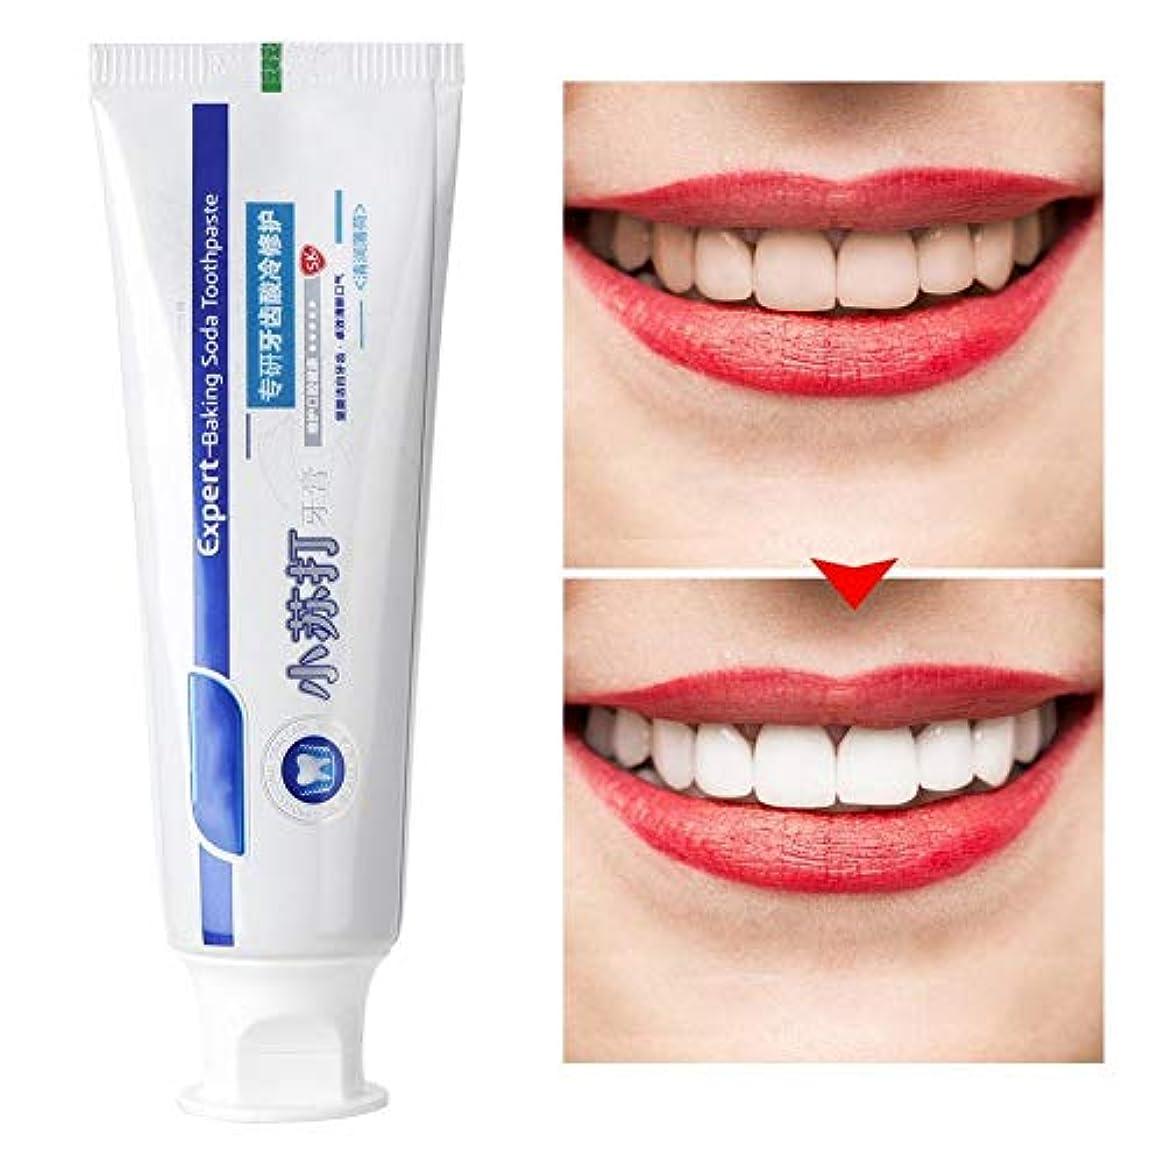 ようこそこしょう二層歯磨き粉、さわやかなミントを白くする重曹の歯磨き粉歯磨き粉オーラルケアツール100g(クリアミント)